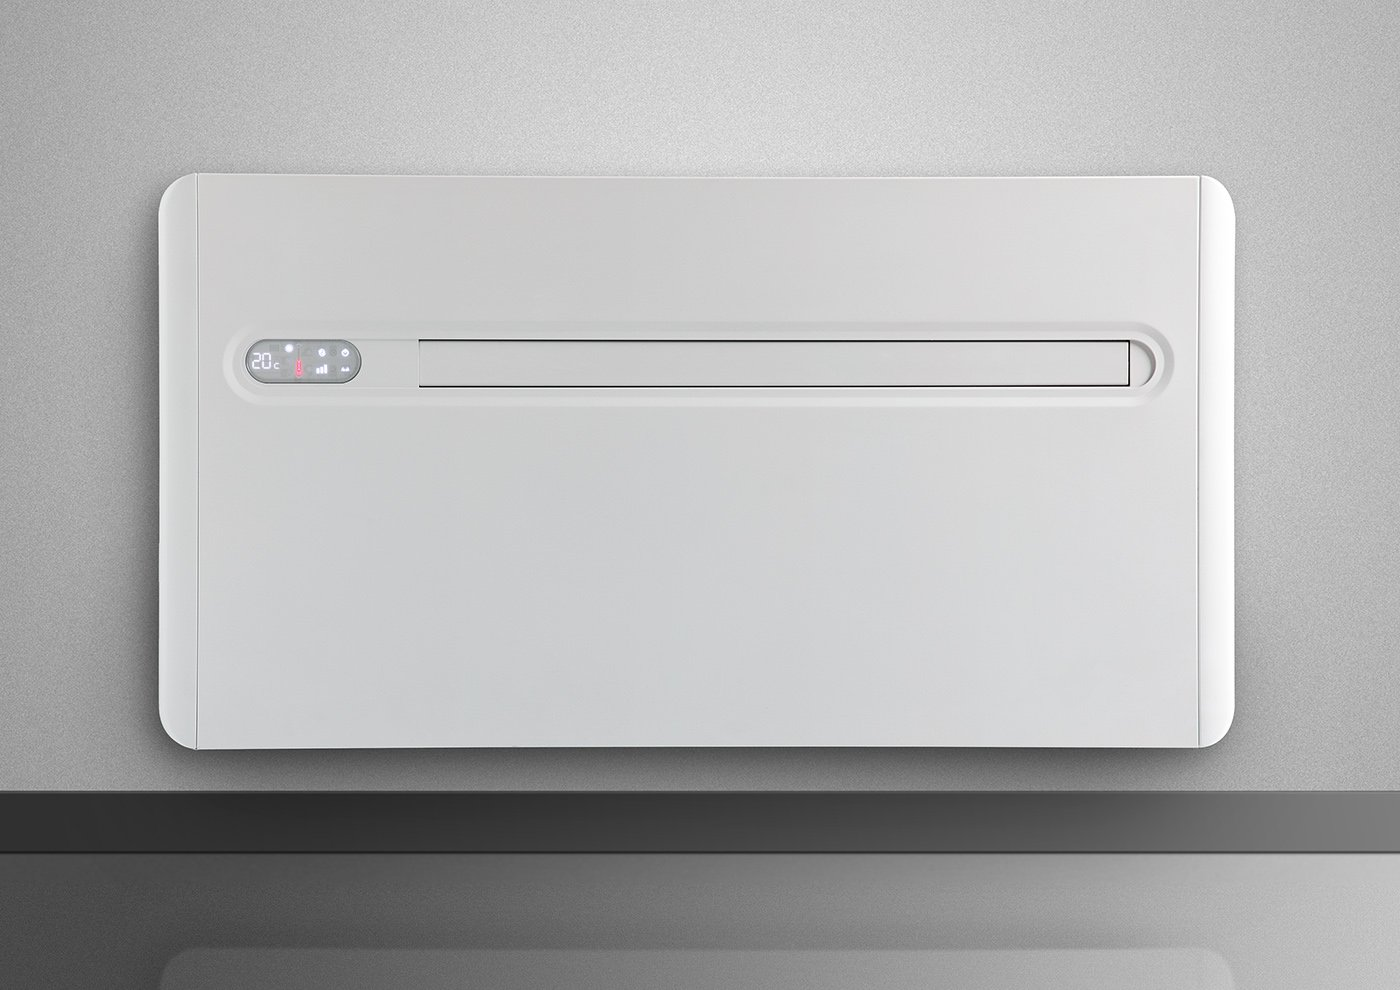 condizionatori climatizzatori senza unita esterna daikin